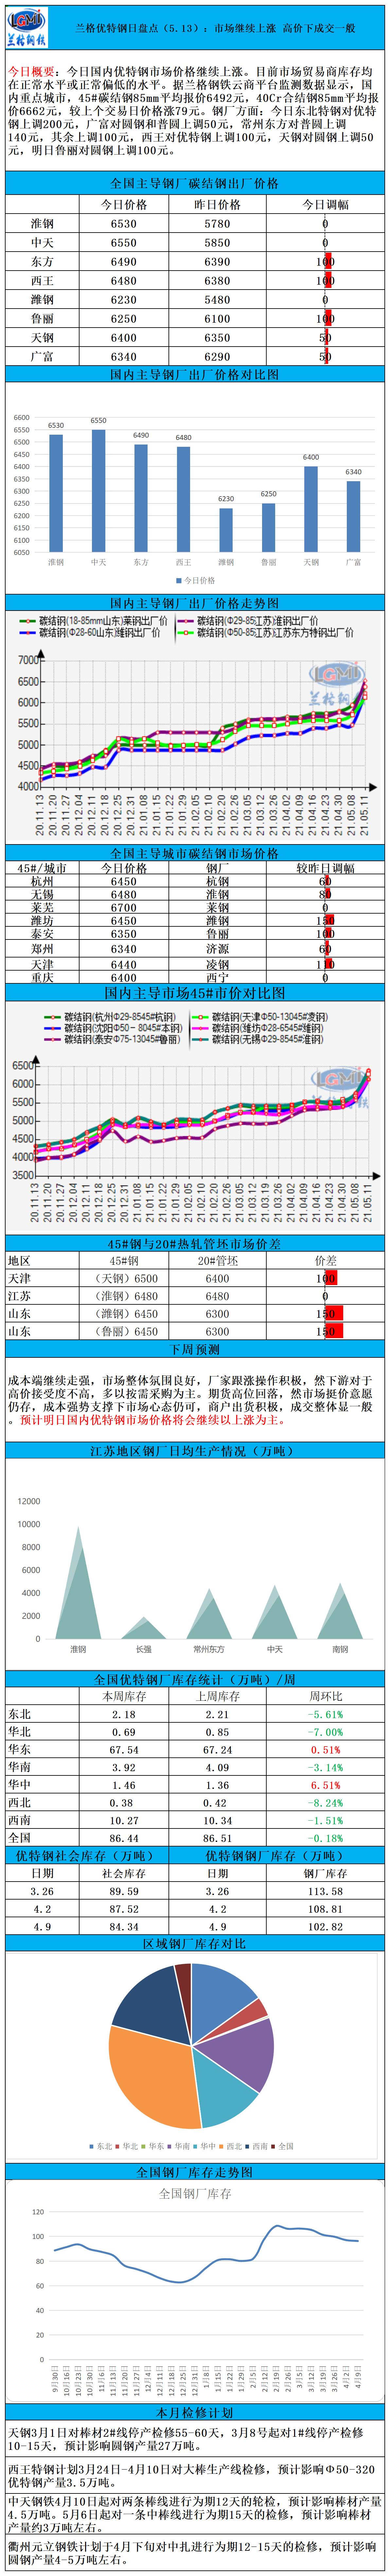 兰格优特钢日盘点(5.13):市场继续上涨 高价下成交一般